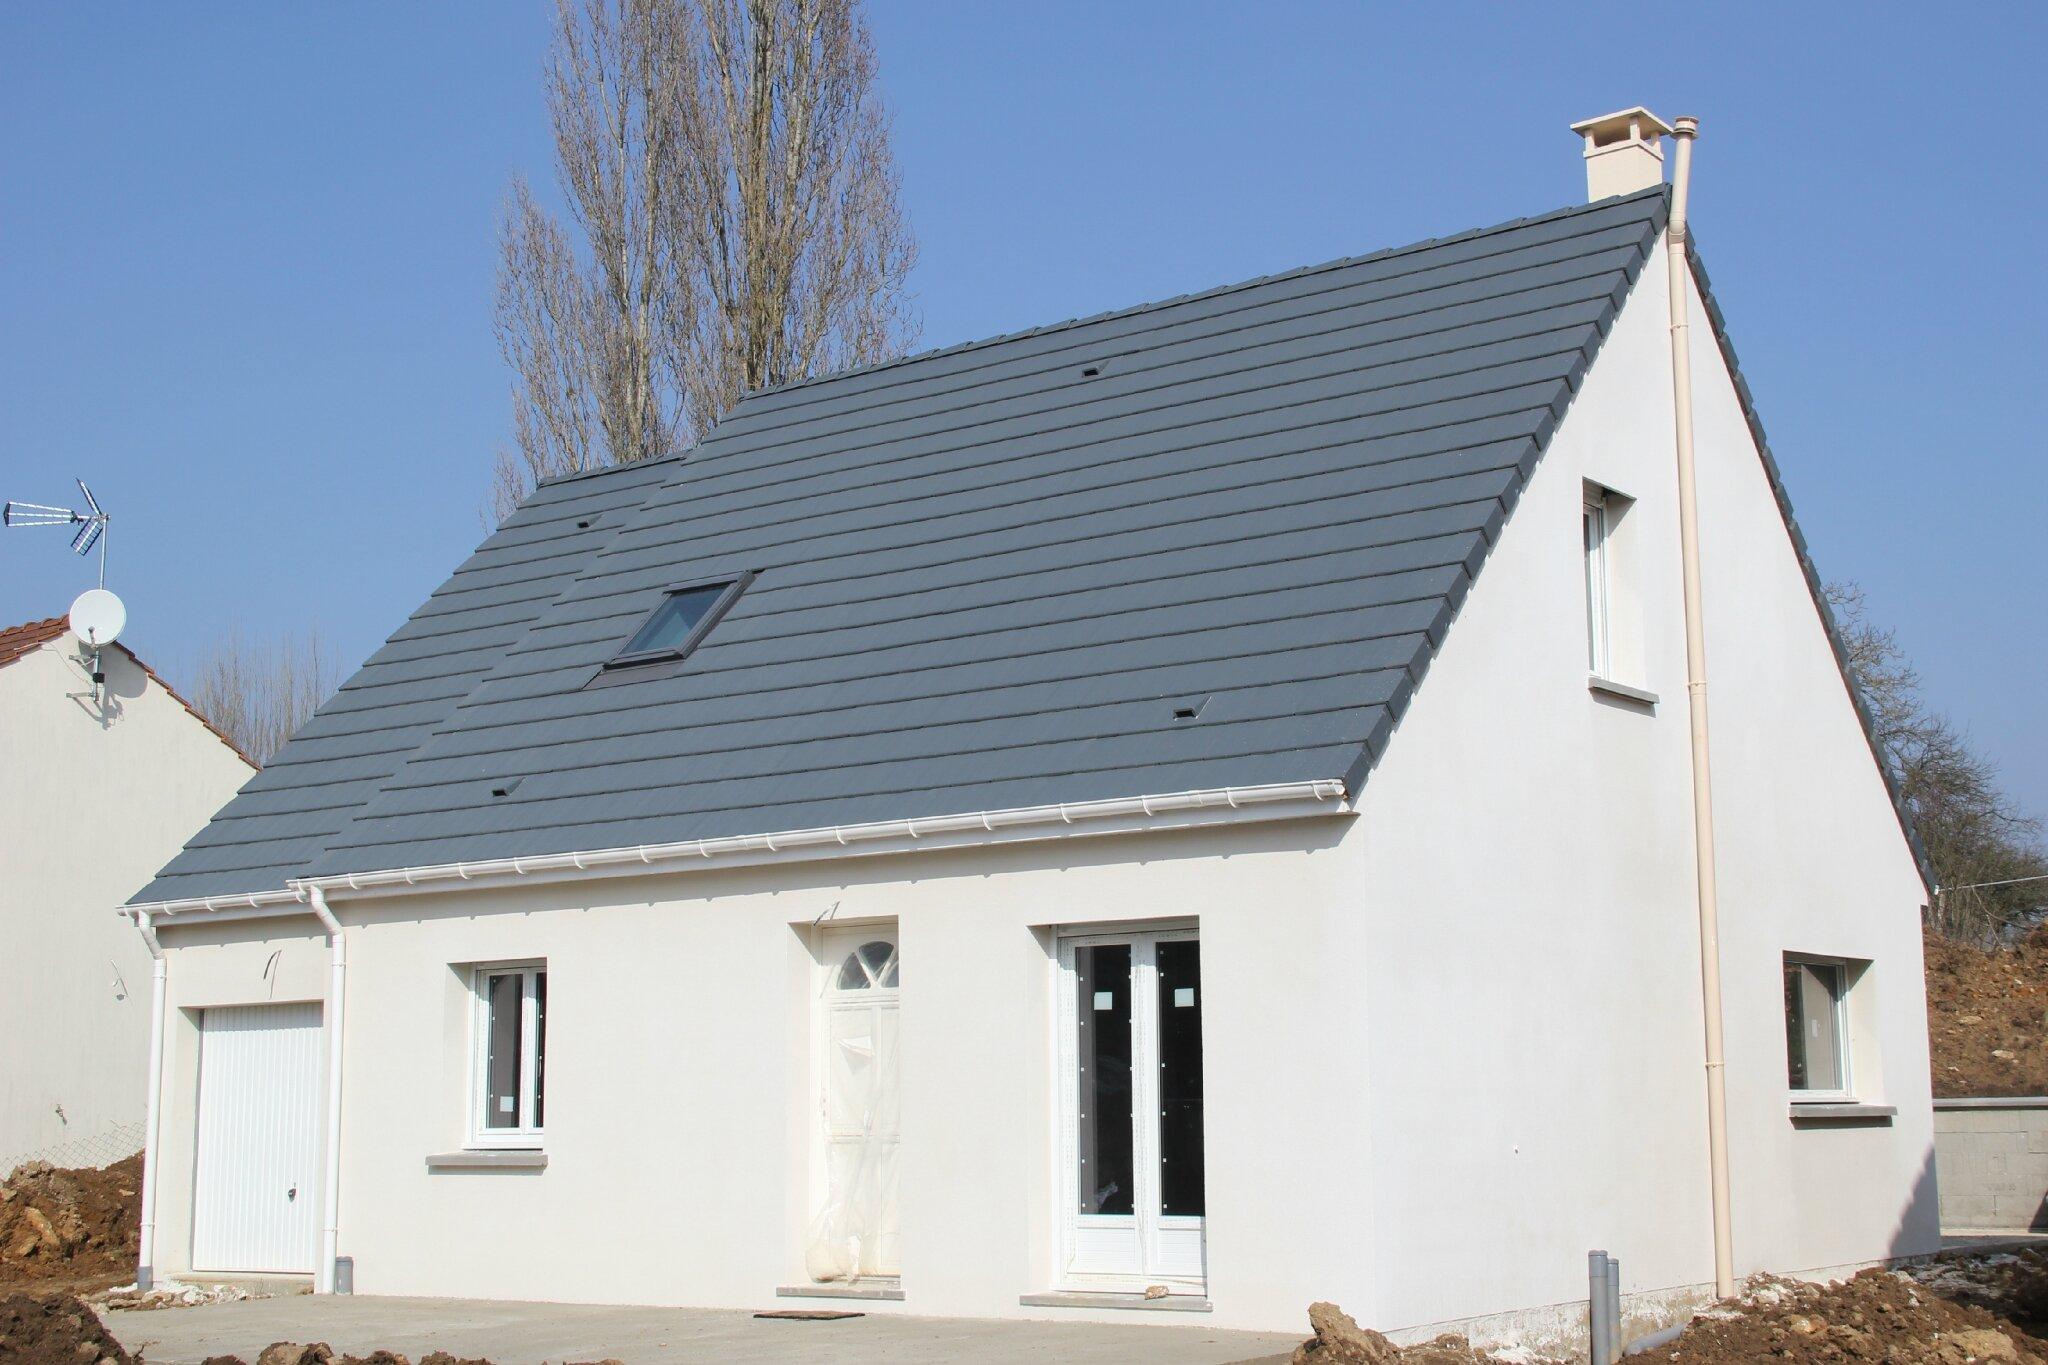 Enduit j 20 construction maison my home sweet home for Budget construction maison par poste